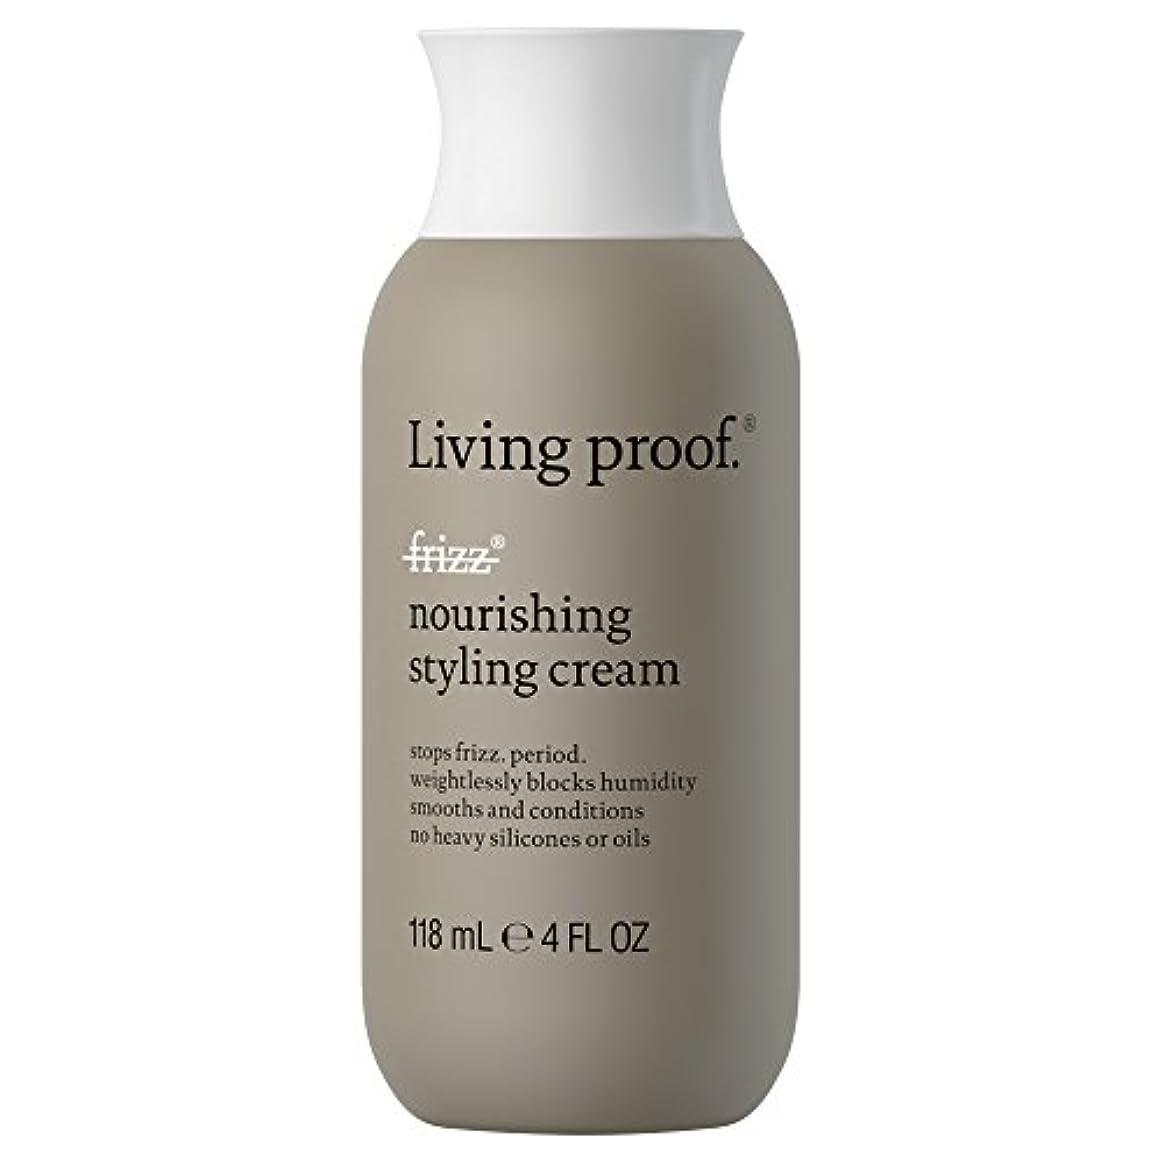 第四実行単に生きている証拠なし縮れ栄養スタイリングクリーム118ミリリットル (Living Proof) - Living Proof No Frizz Nourishing Styling Cream 118ml [並行輸入品]